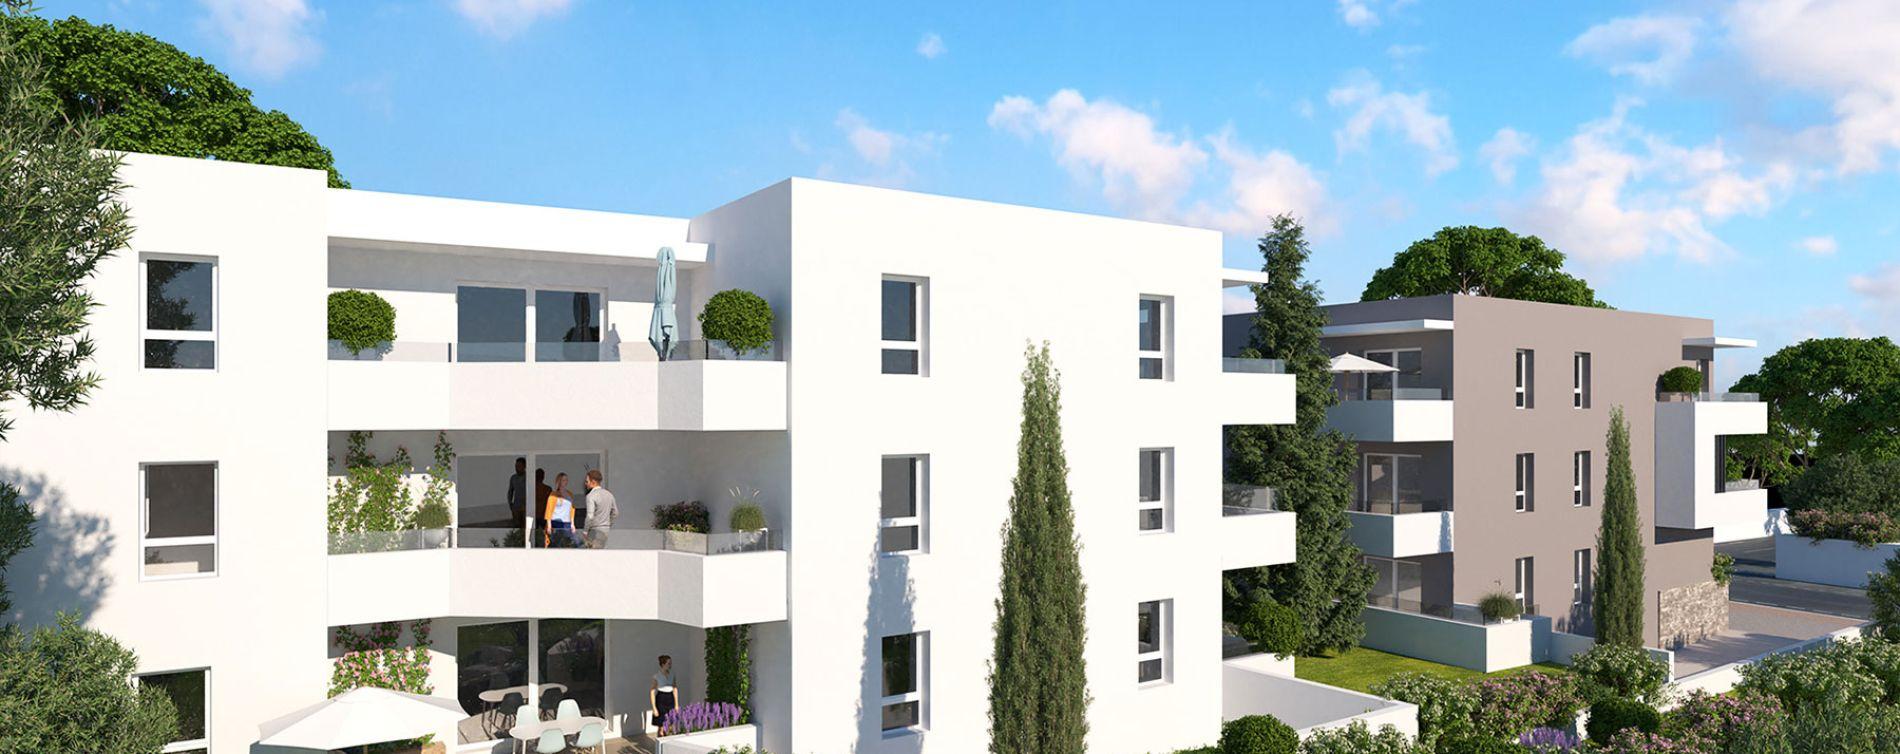 Résidence Lodge Emeraude à Montpellier